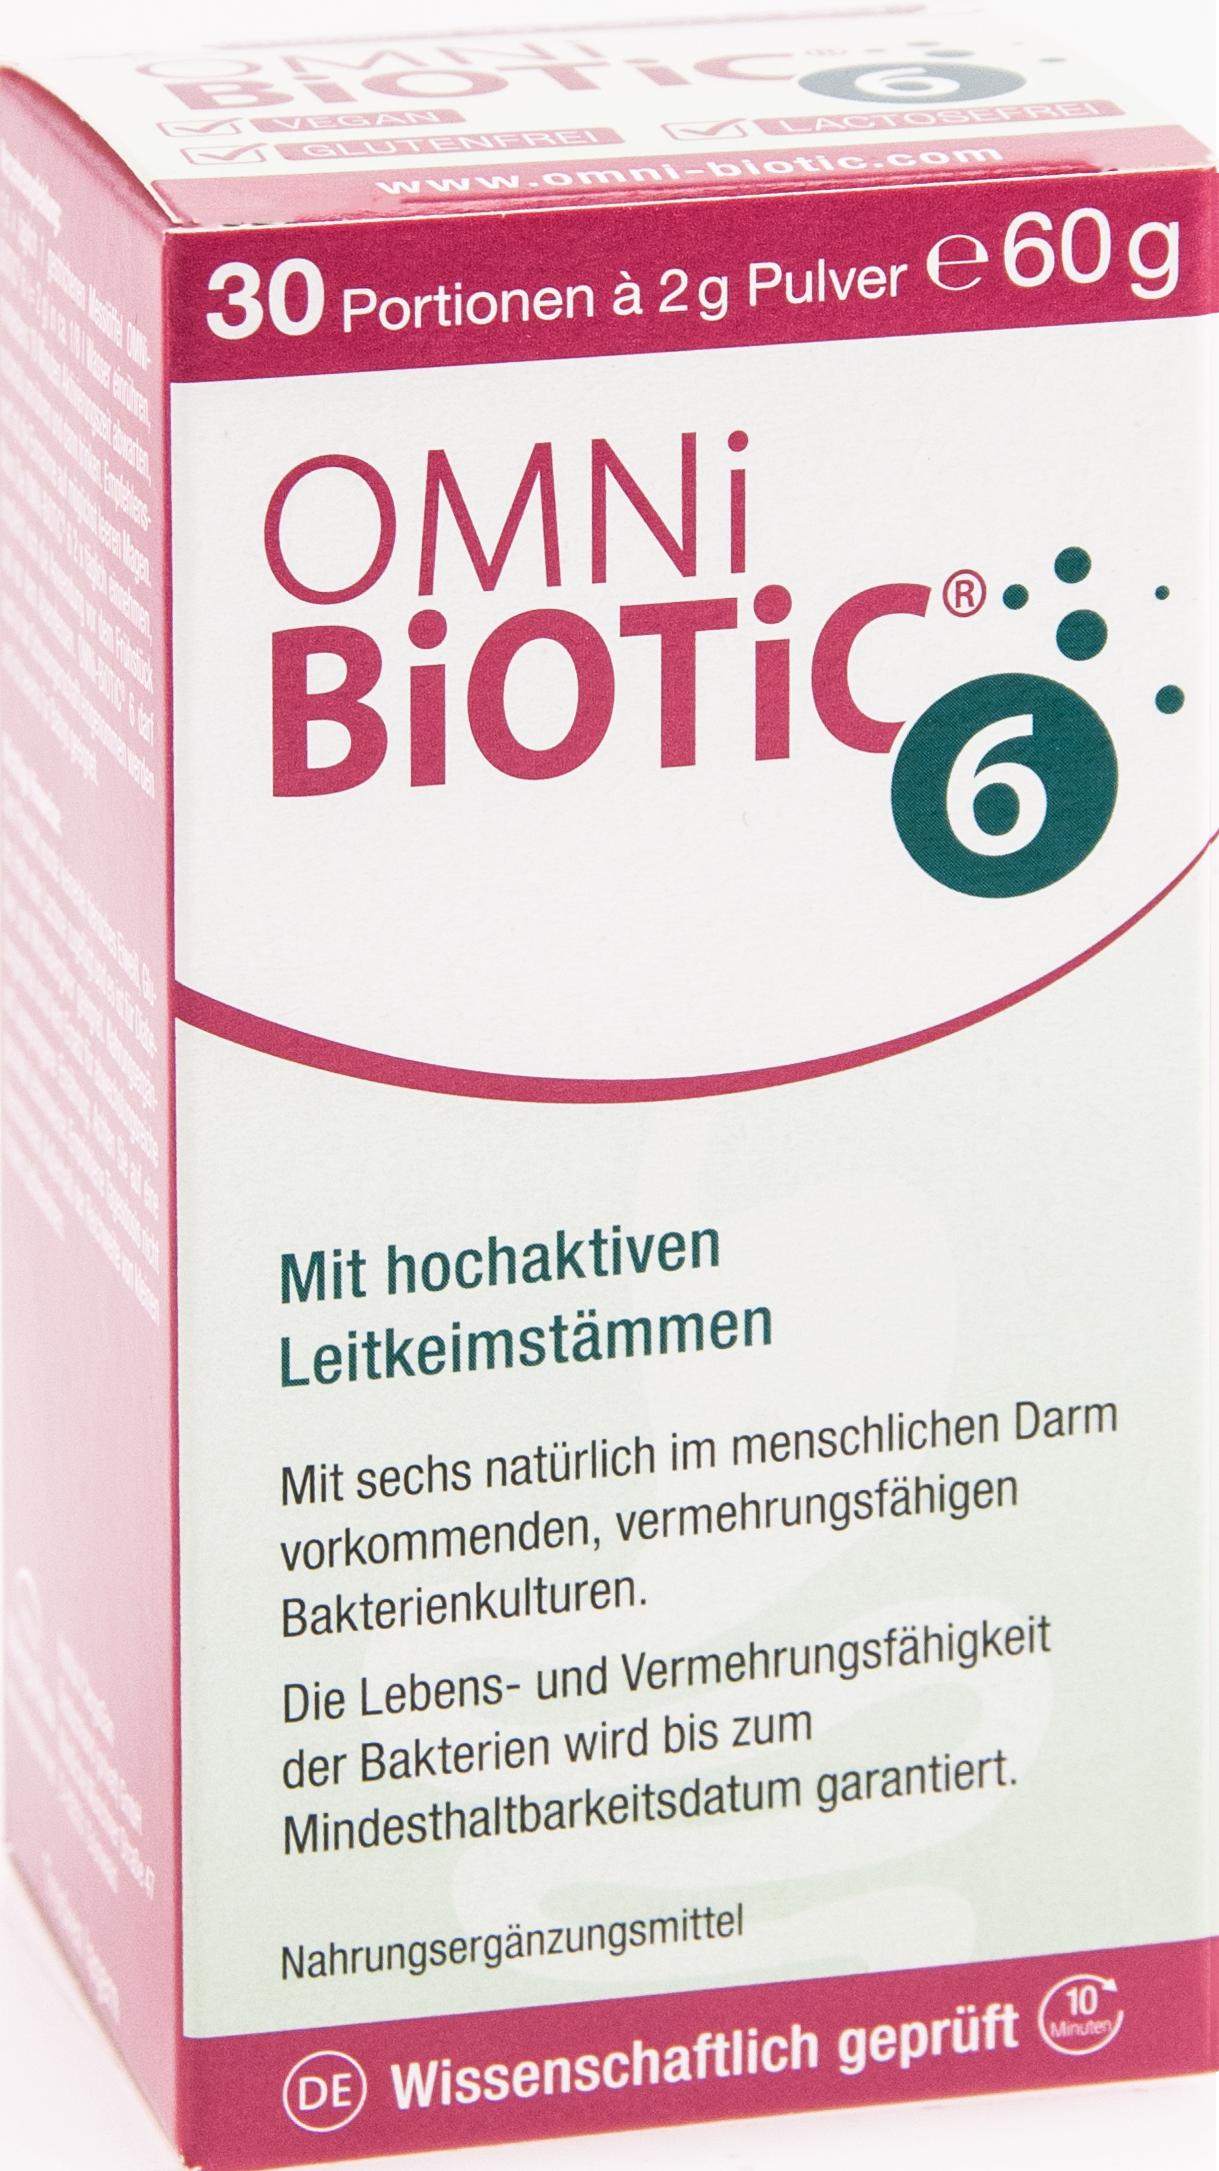 Omni Biotic 6